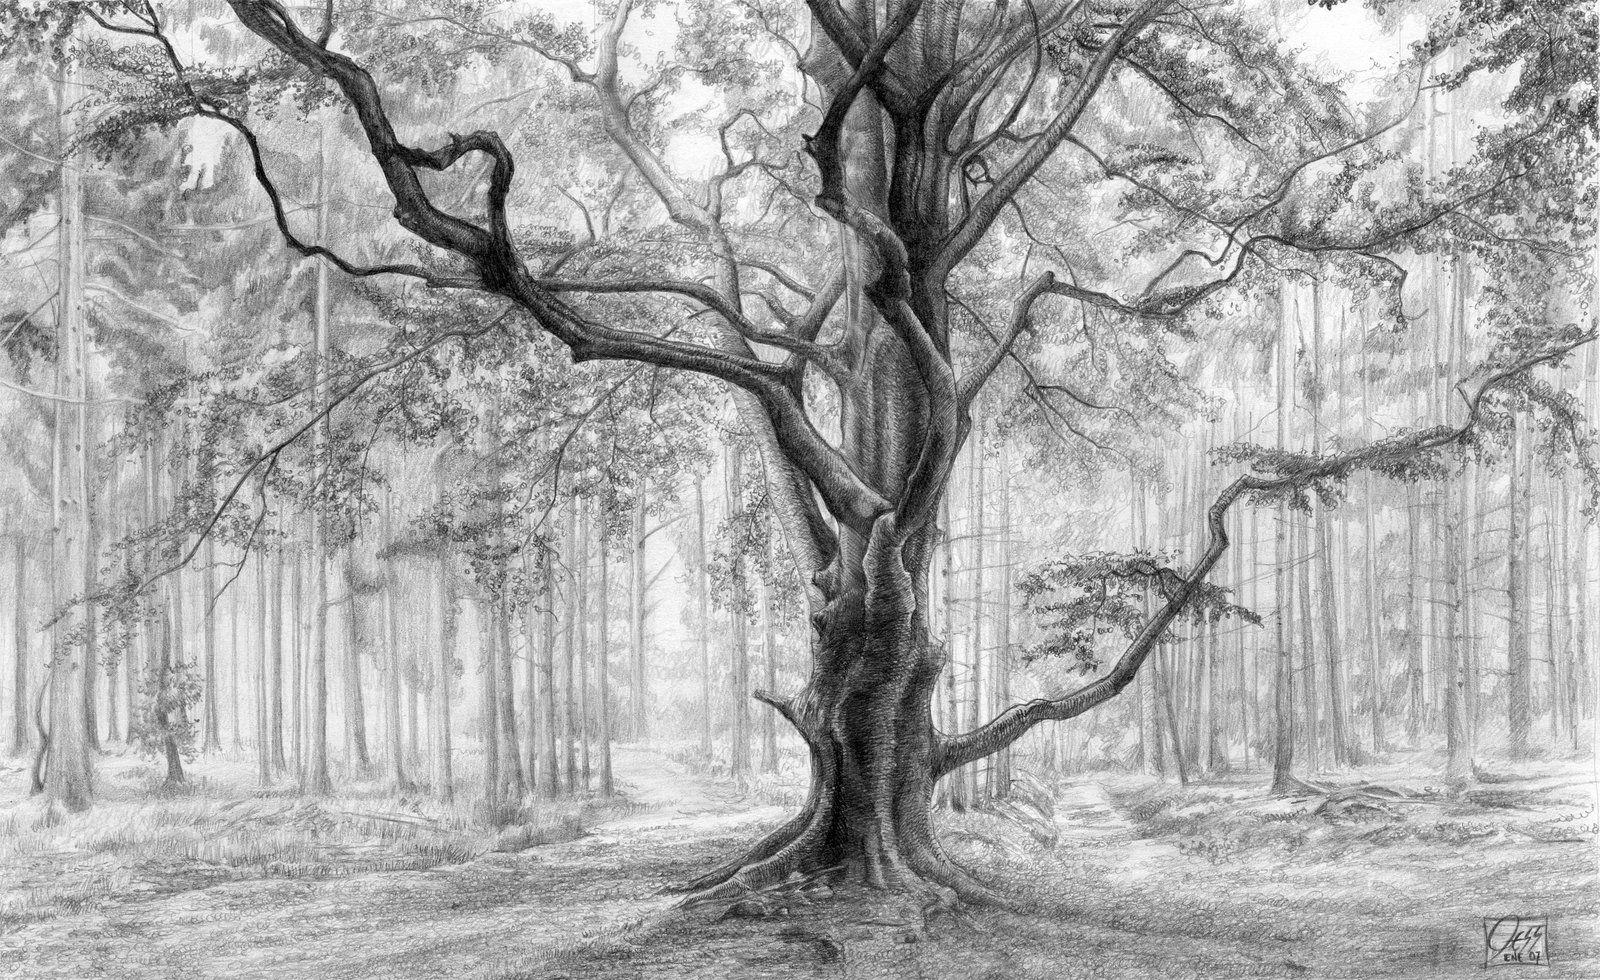 зеленых дерево в лесу рисунок карандашом нежное злаковое